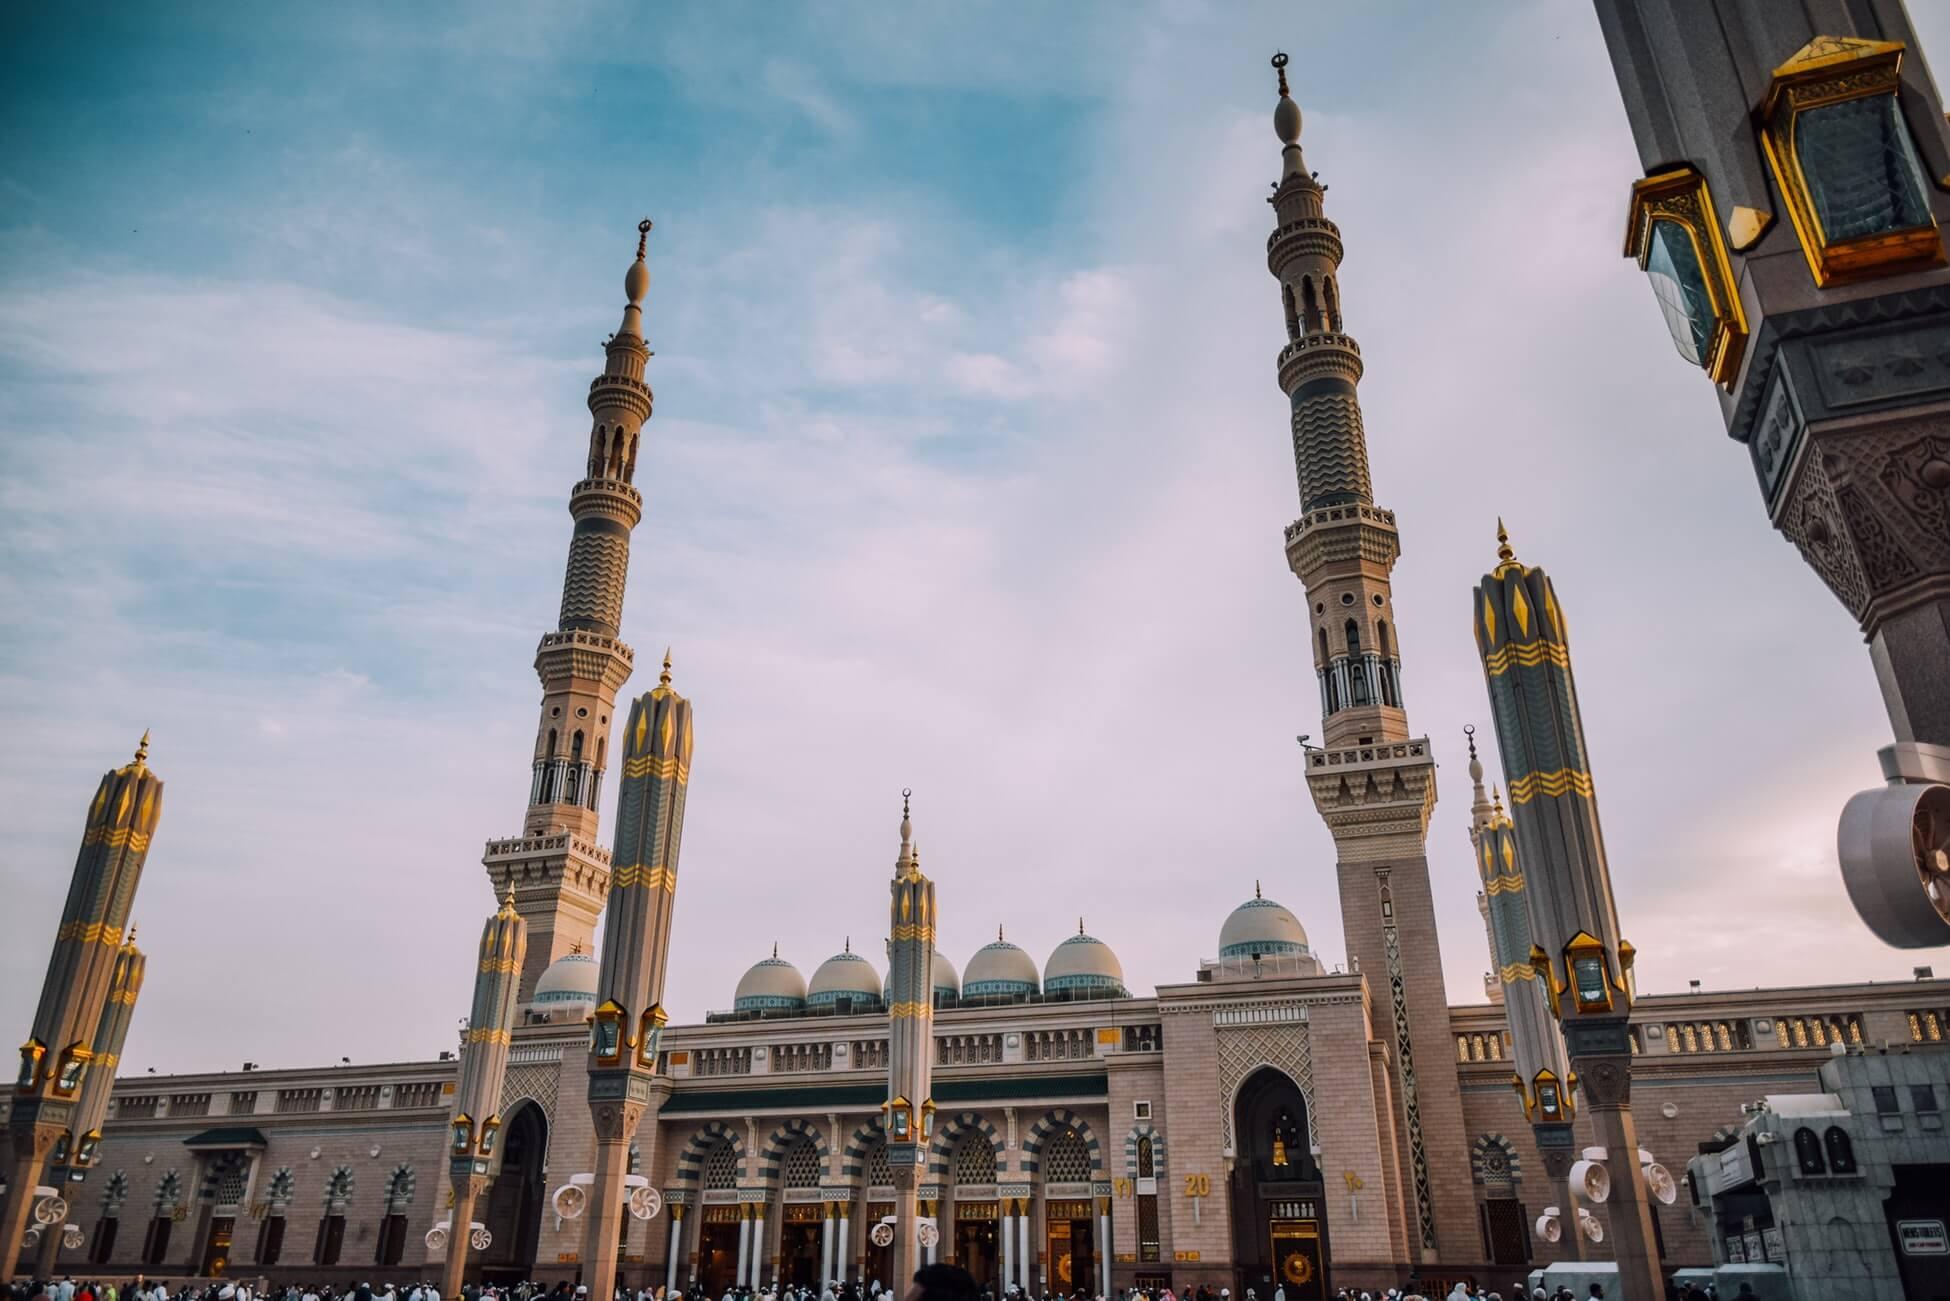 Поясним за новости: Саудовская Аравия открыла туристические визы